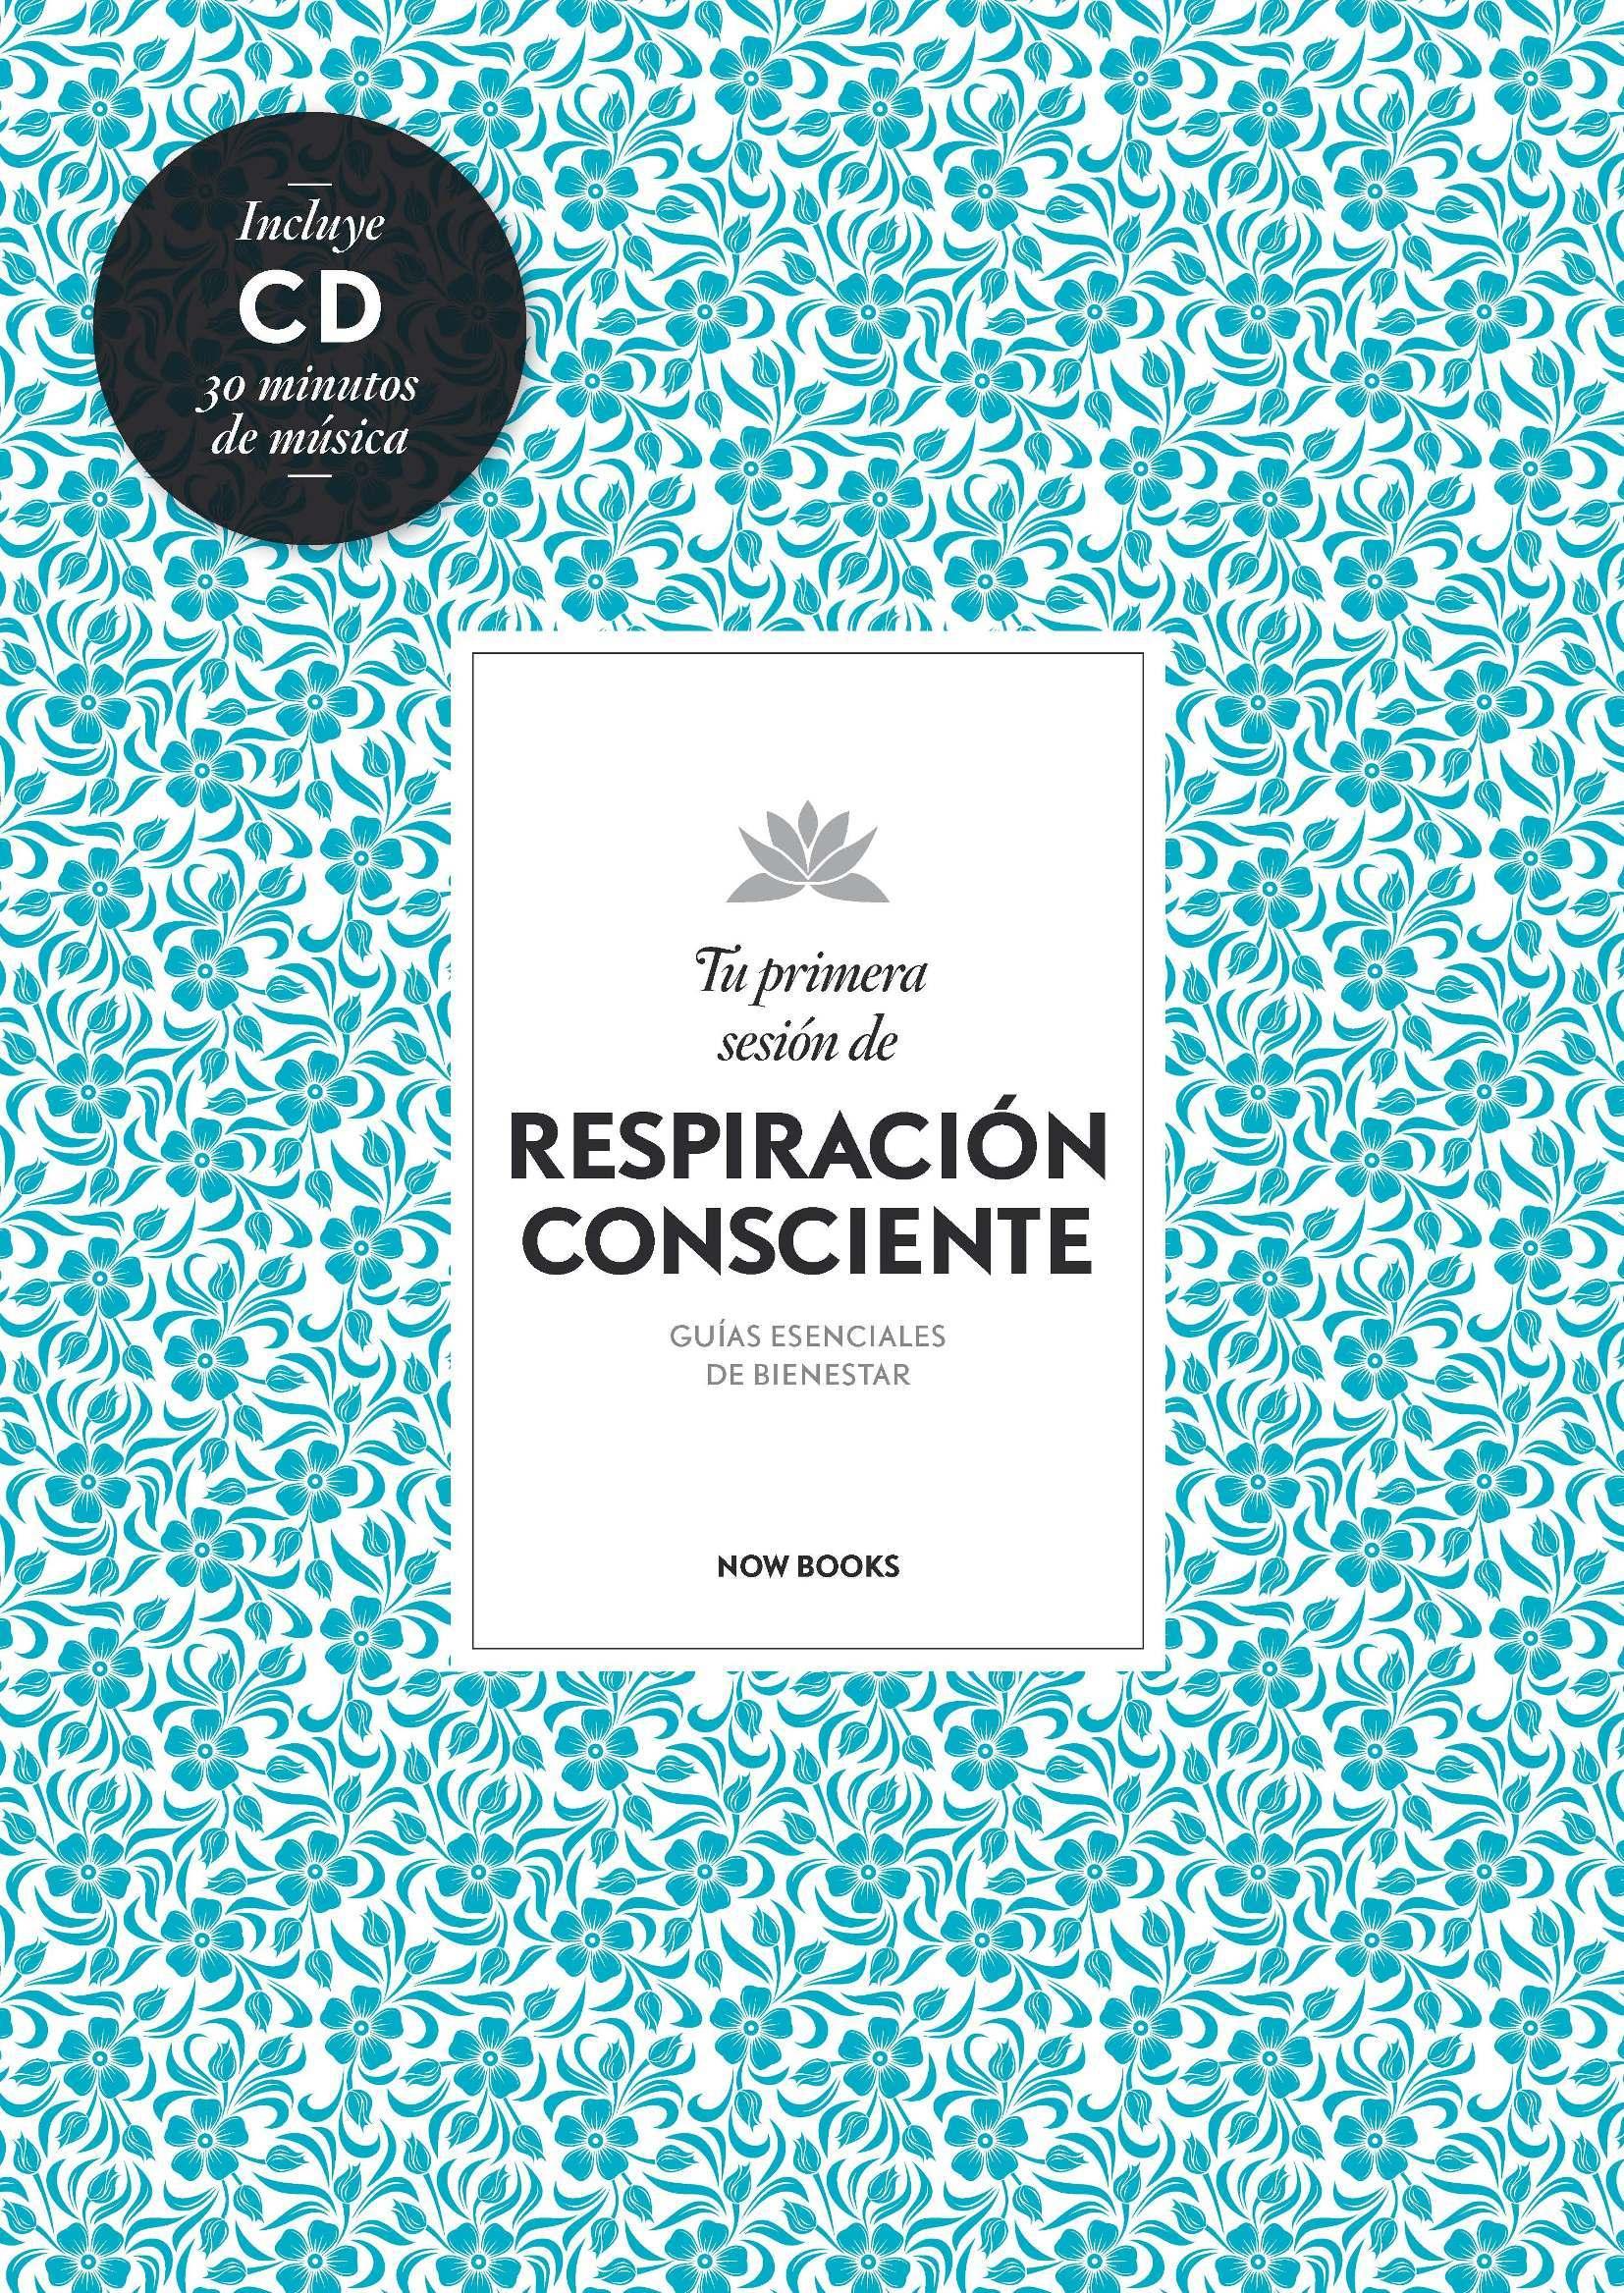 TU PRIMERA SESIÓN DE RESPIRACIÓN